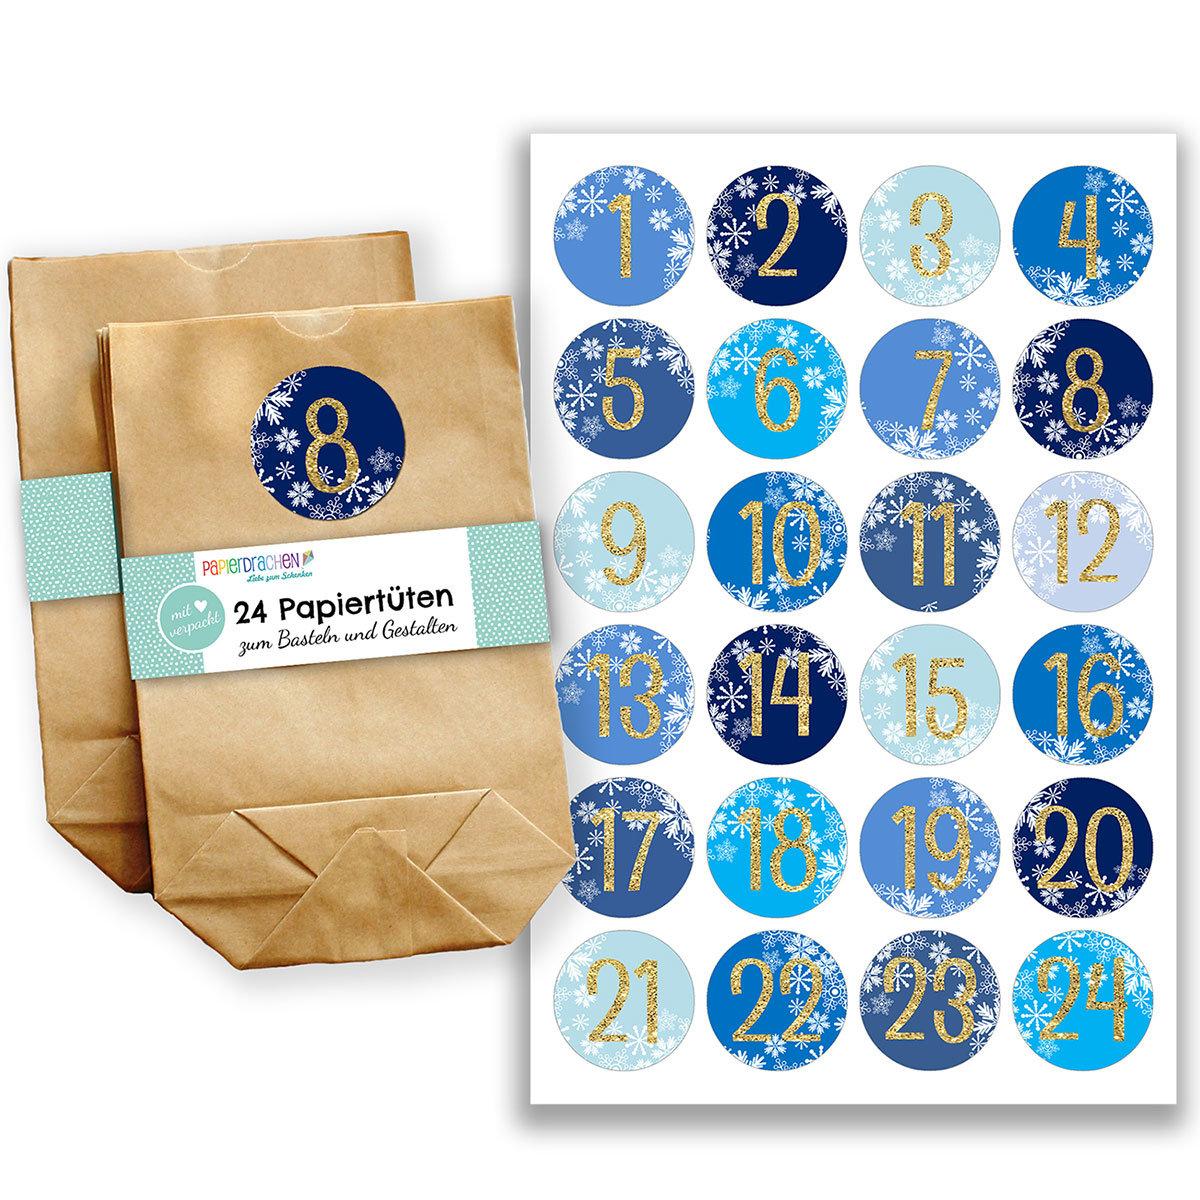 adventskalender set 24 braune papiert ten mit 24 blau goldenen aufkleber zahlen zum. Black Bedroom Furniture Sets. Home Design Ideas